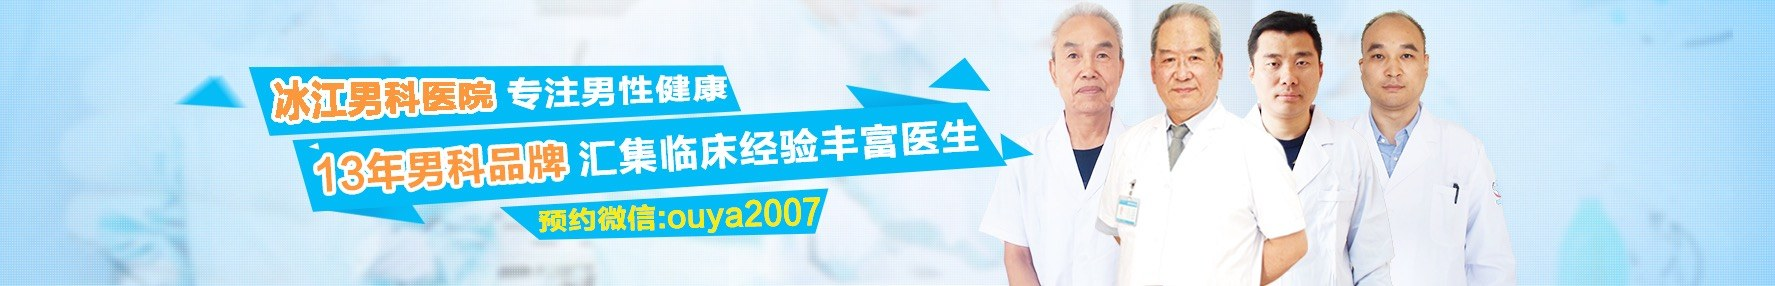 哈尔滨男色天使在线视频在线视频偷国产精品